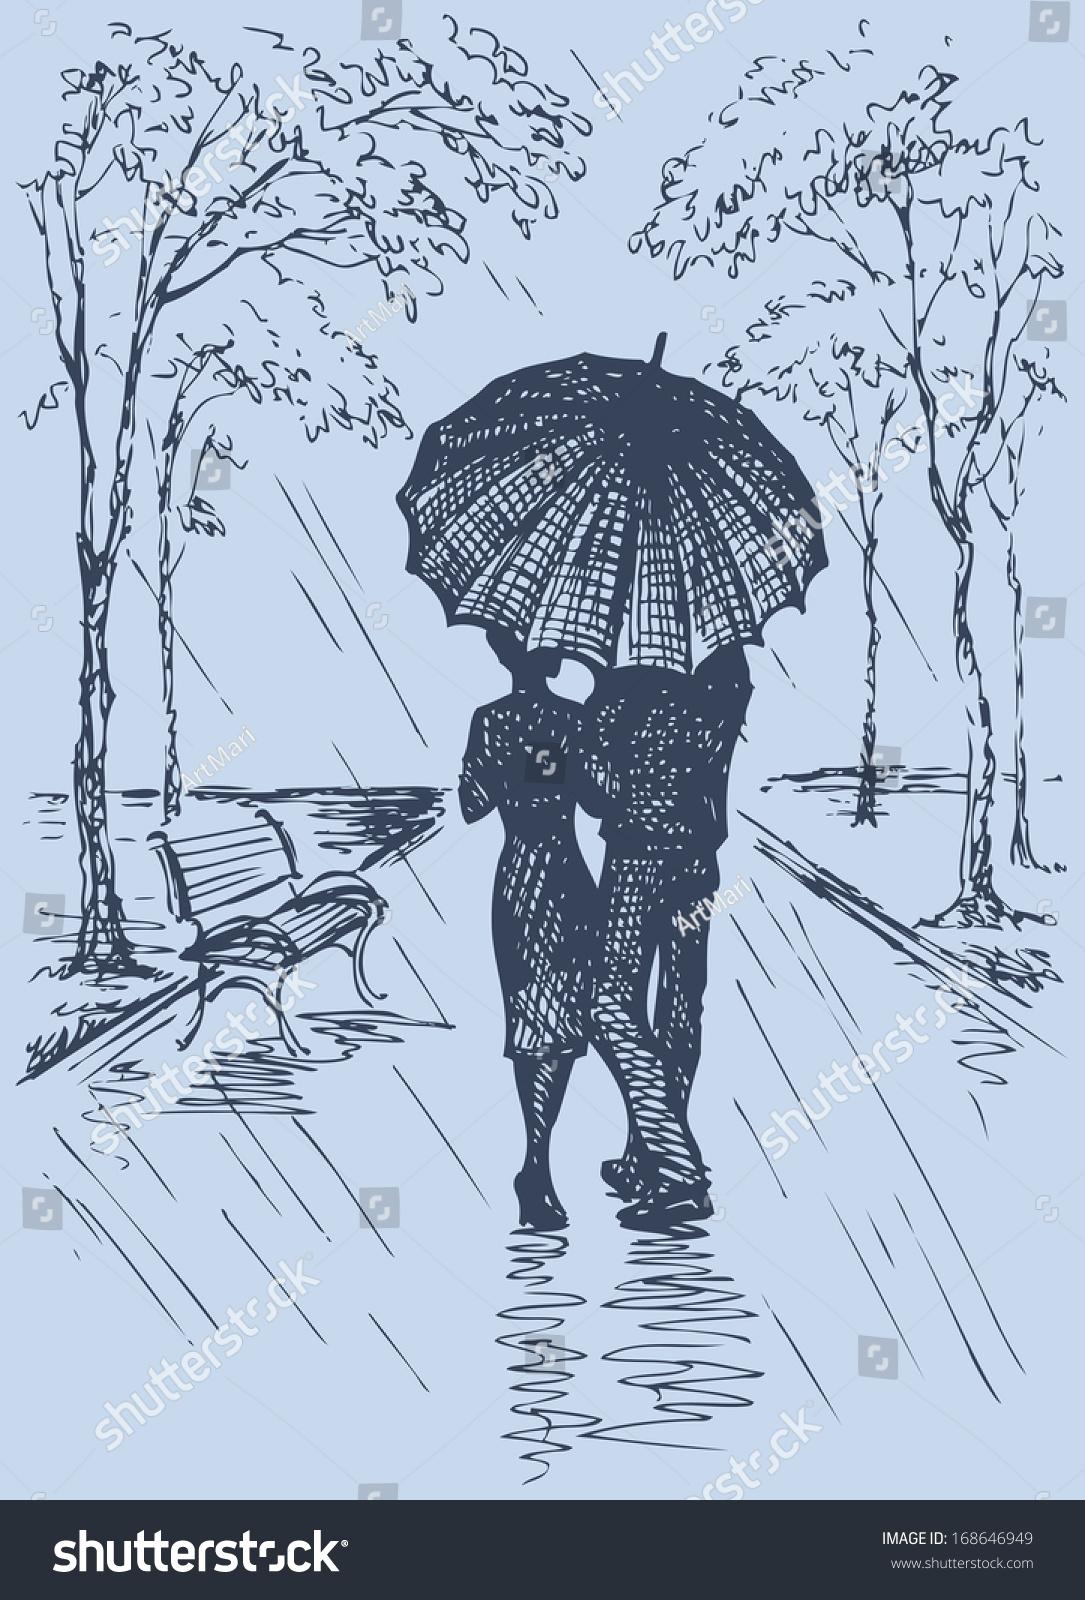 Vector romantic scene couple with umbrella walking along the avenue in the rain